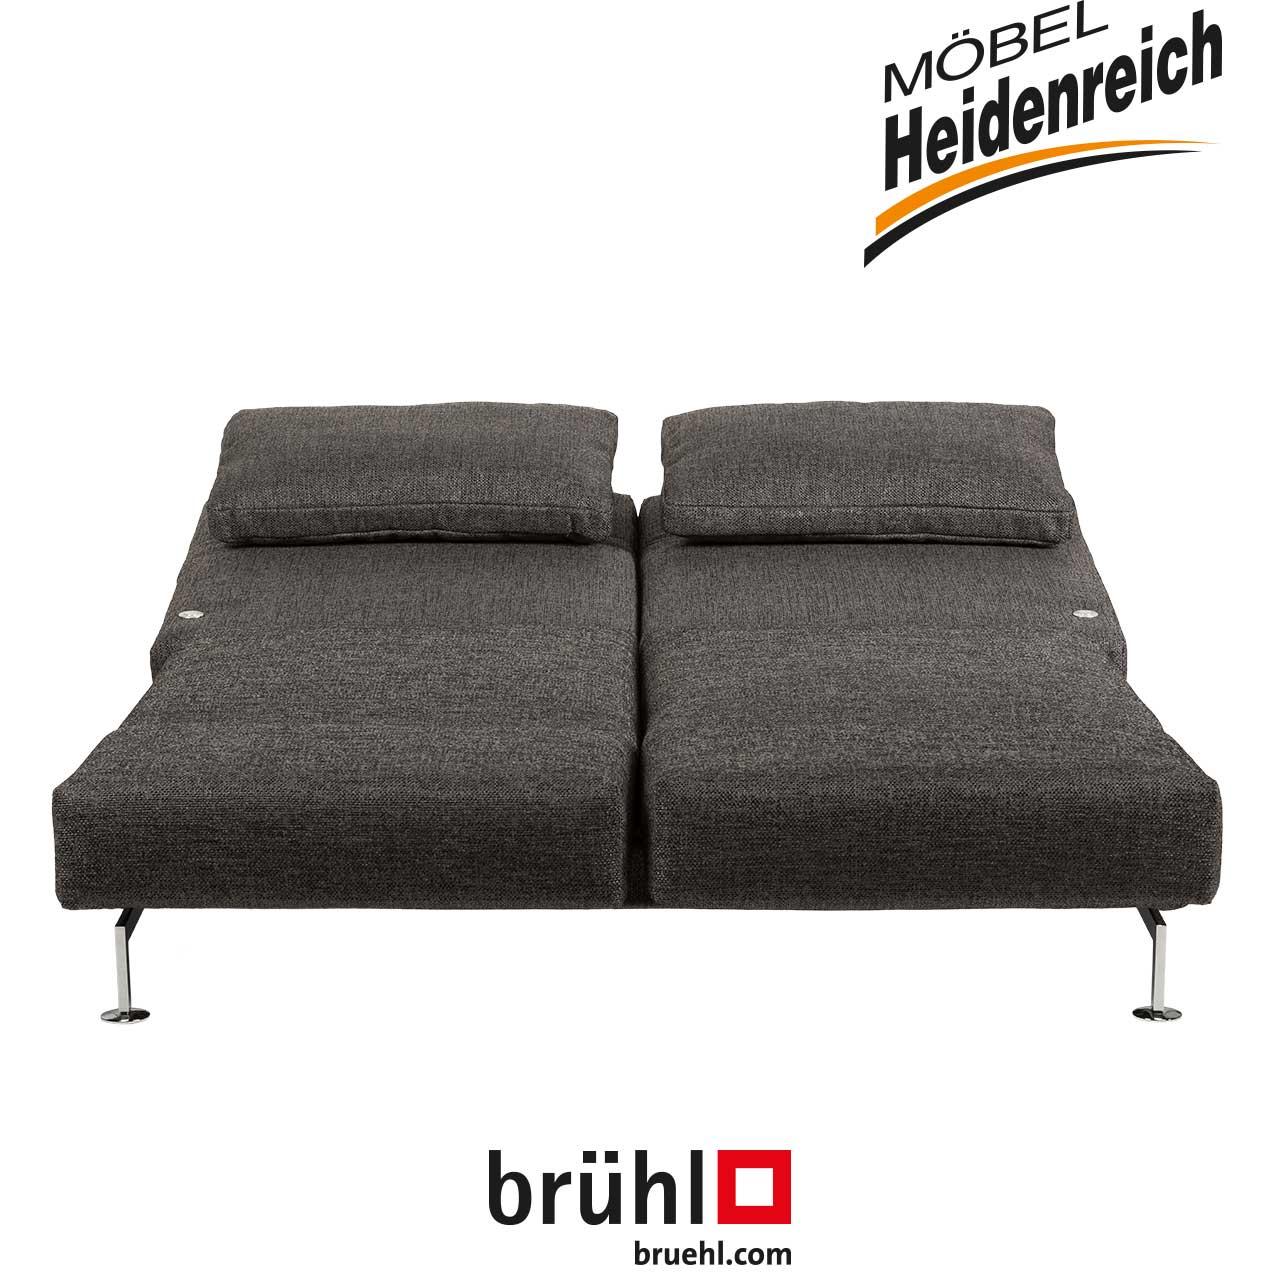 Bruhl Moule Medium 2 Sitzer Mit Drehsitzen